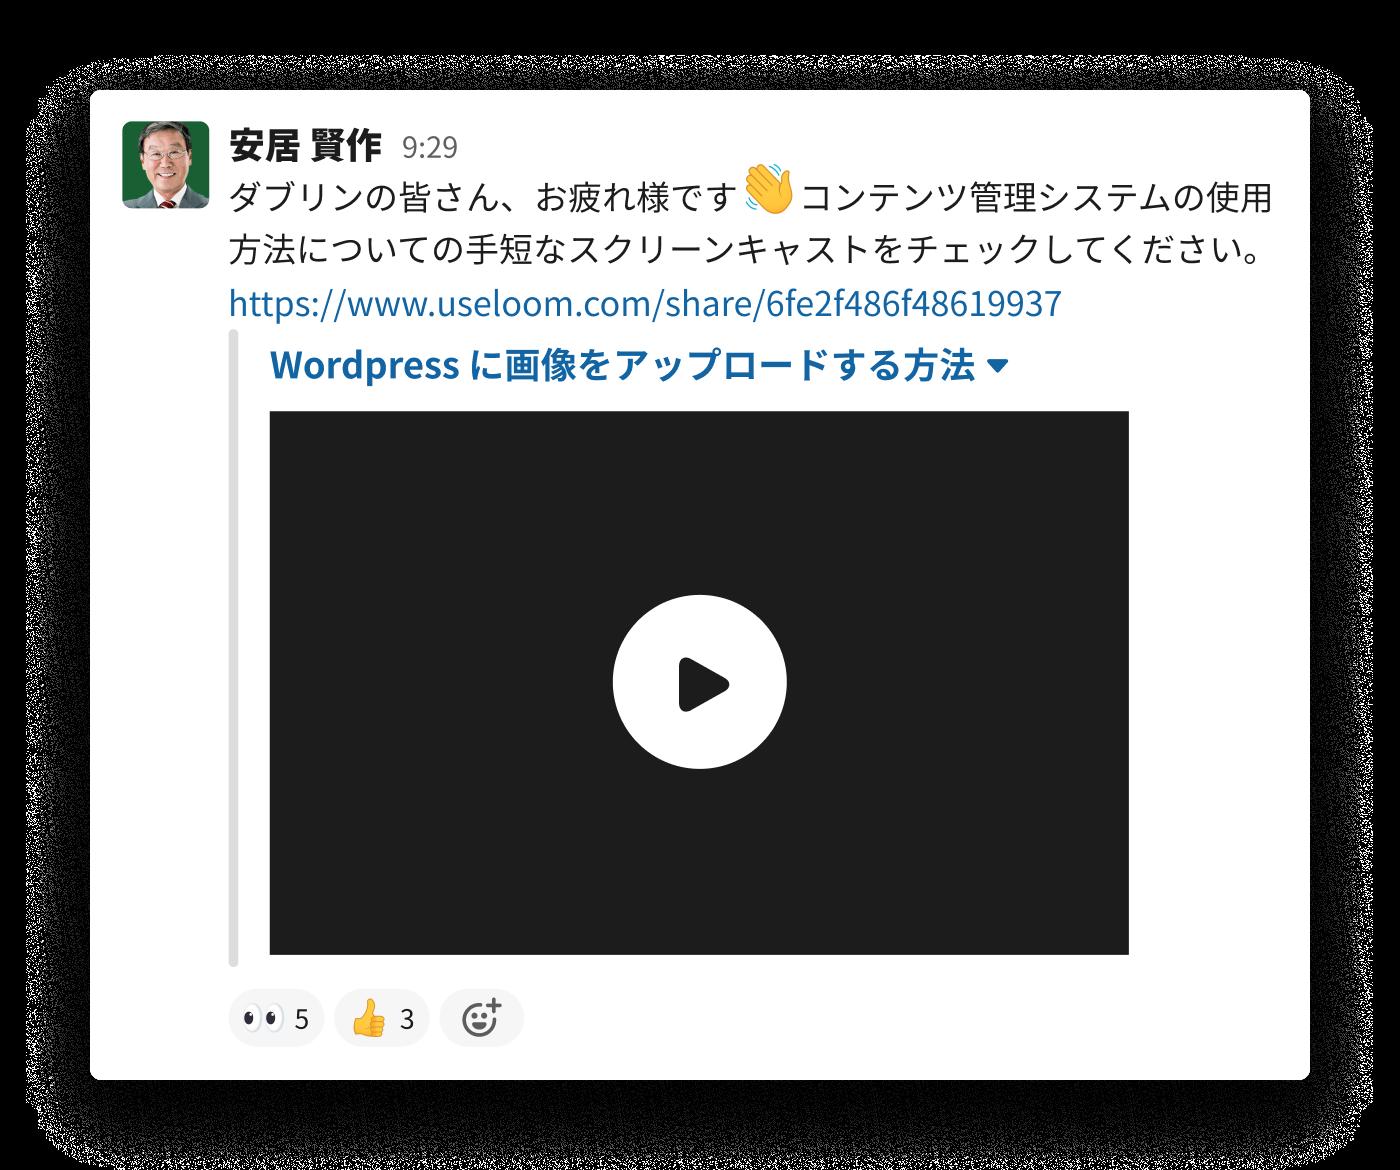 従業員が Slack で Loom のビデオを共有して、チームのコンテンツ管理システムの利用方法のデモを行う